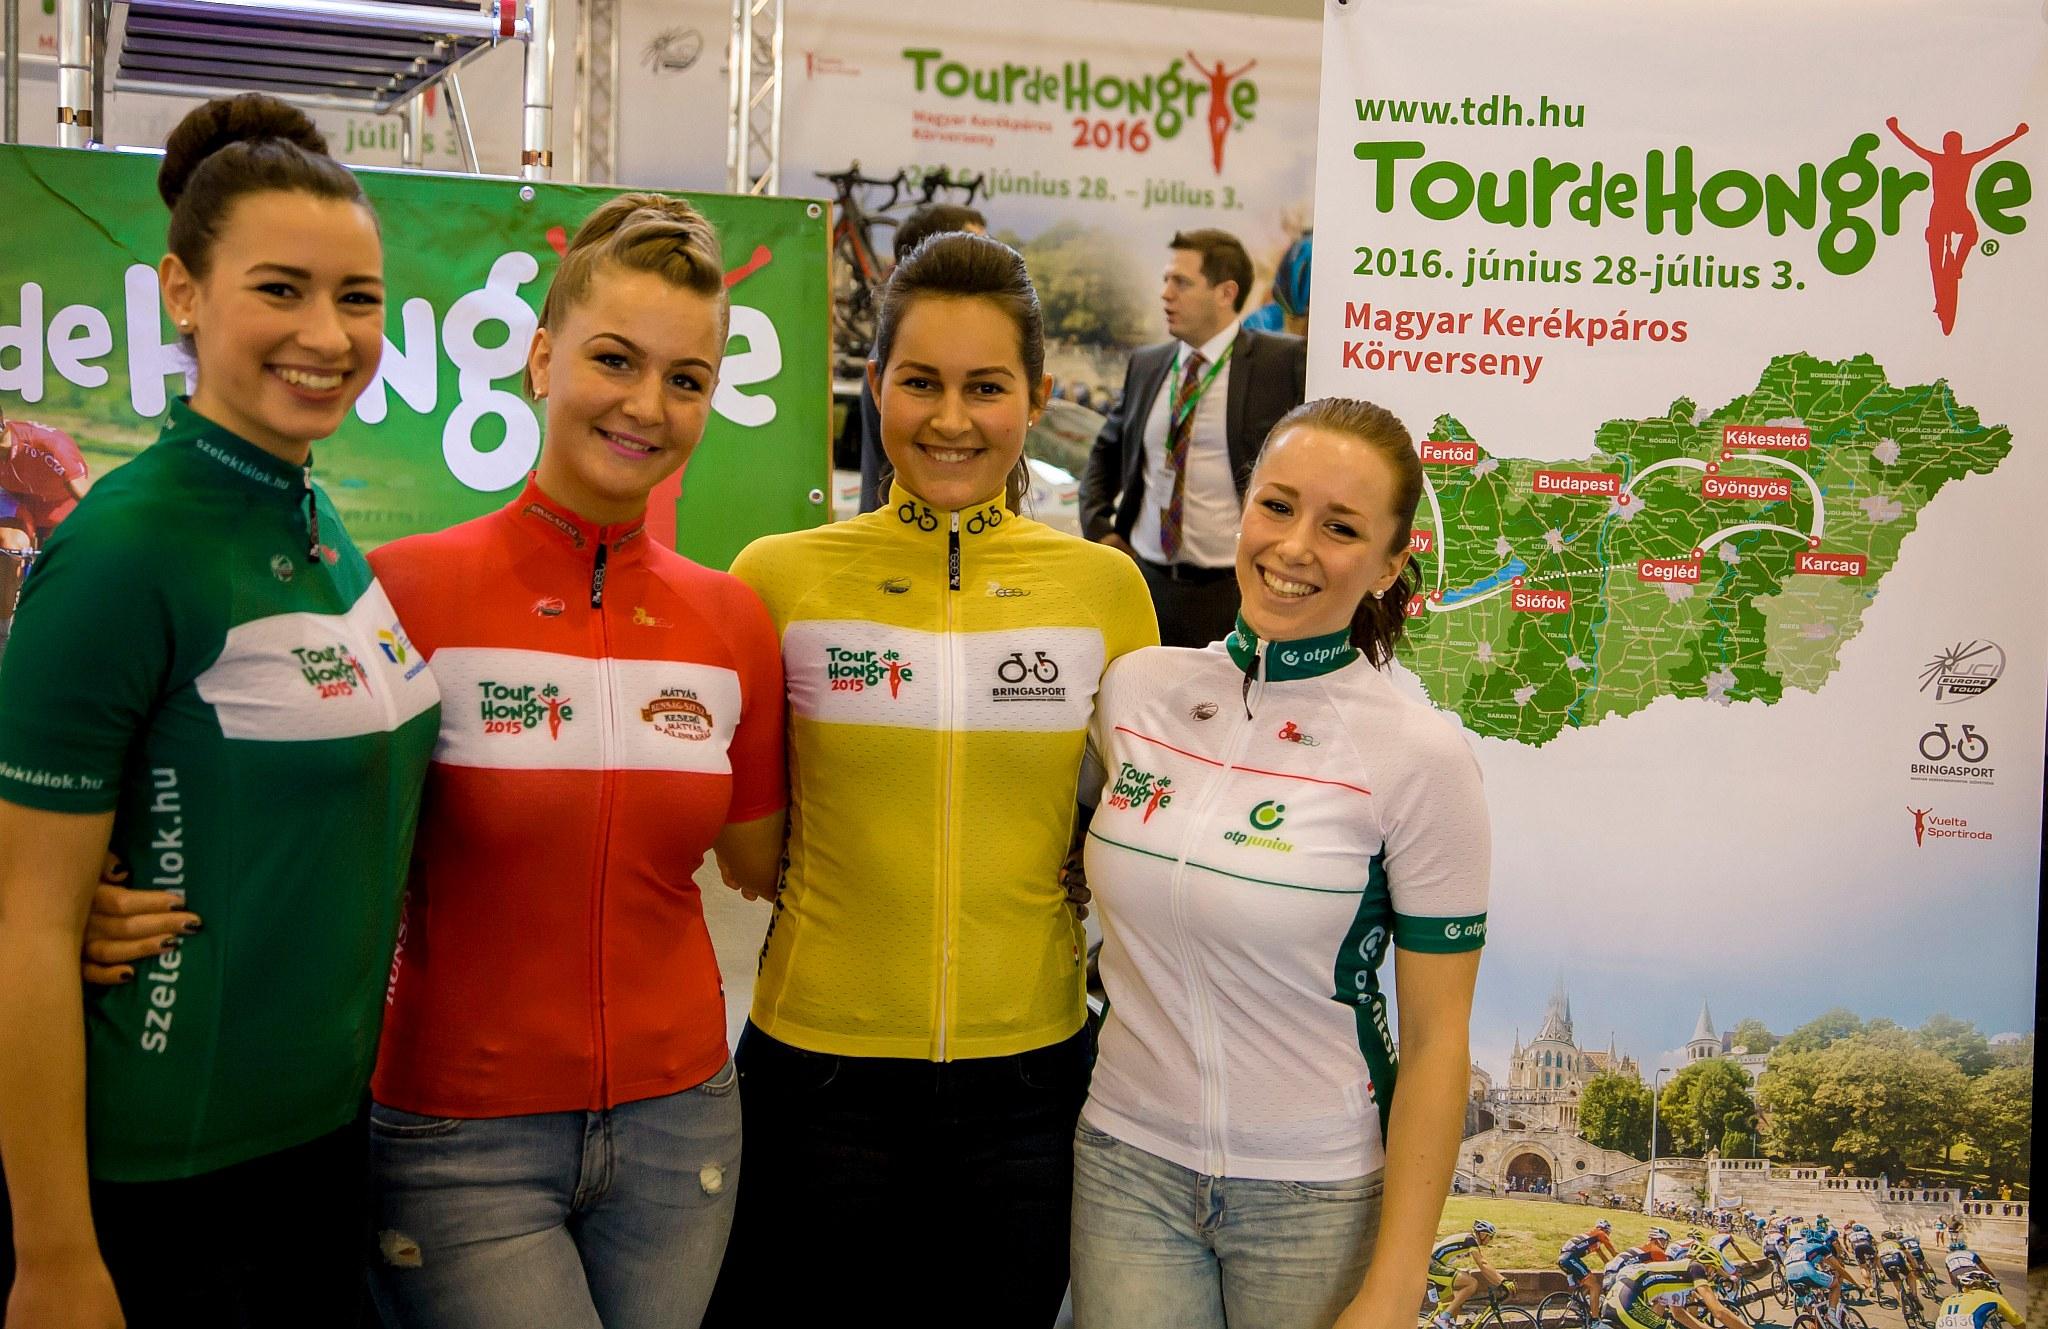 Továbbra is sárga trikó az összetett éllovasnak, zöld trikó a legjobb sprinternek, piros a hegyek királyának és fehér a legjobb magyarnak